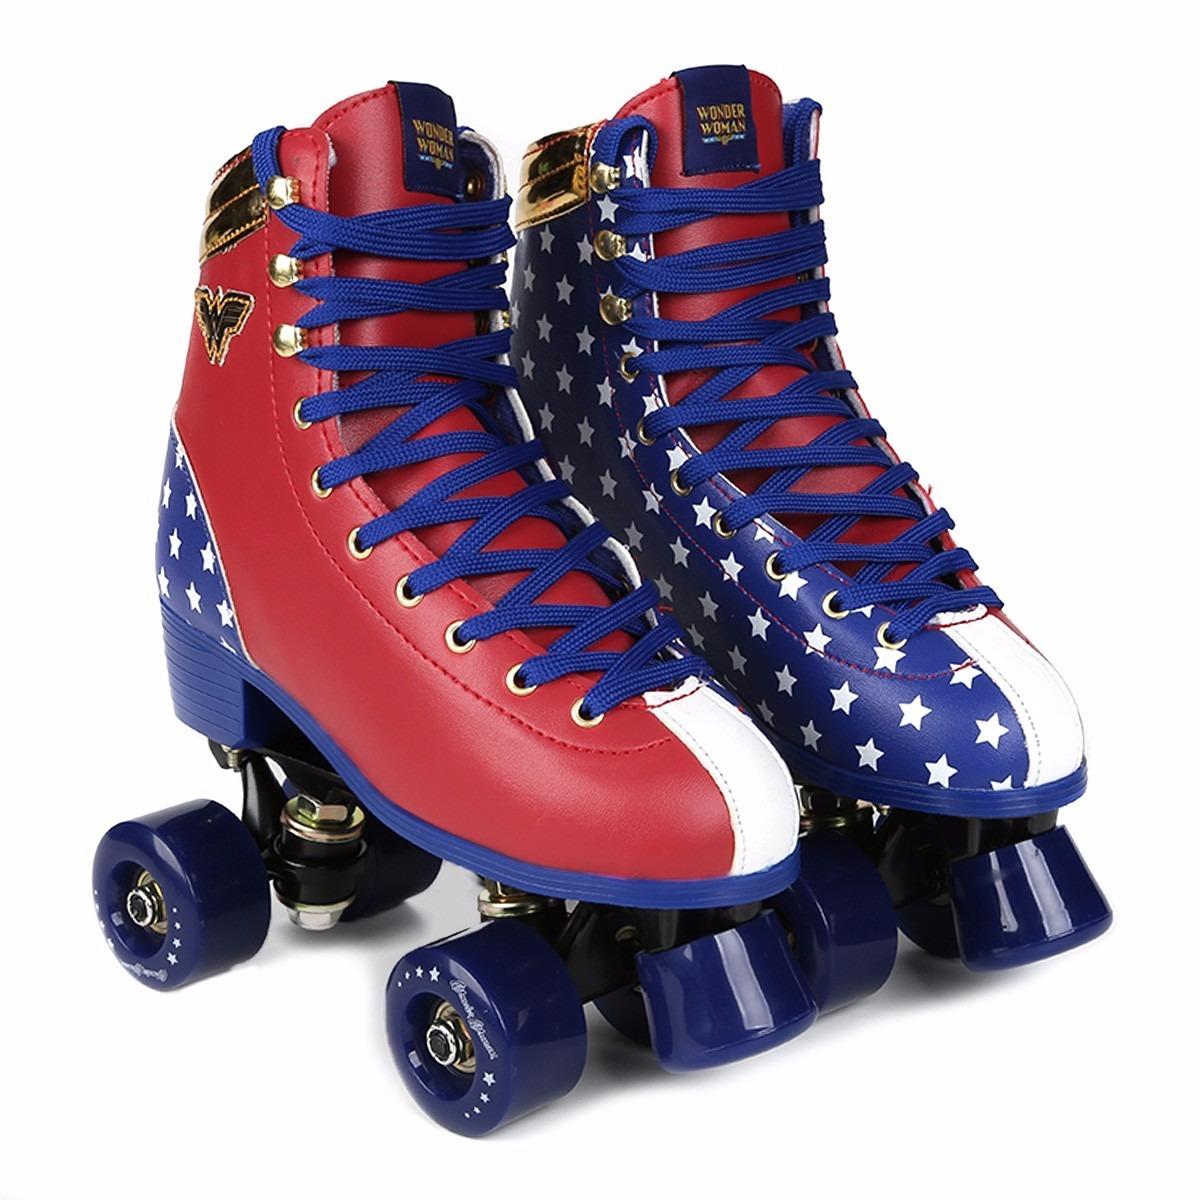 ea1cf3e49a9 patins quad mulher maravilha   envio super expresso. Carregando zoom.